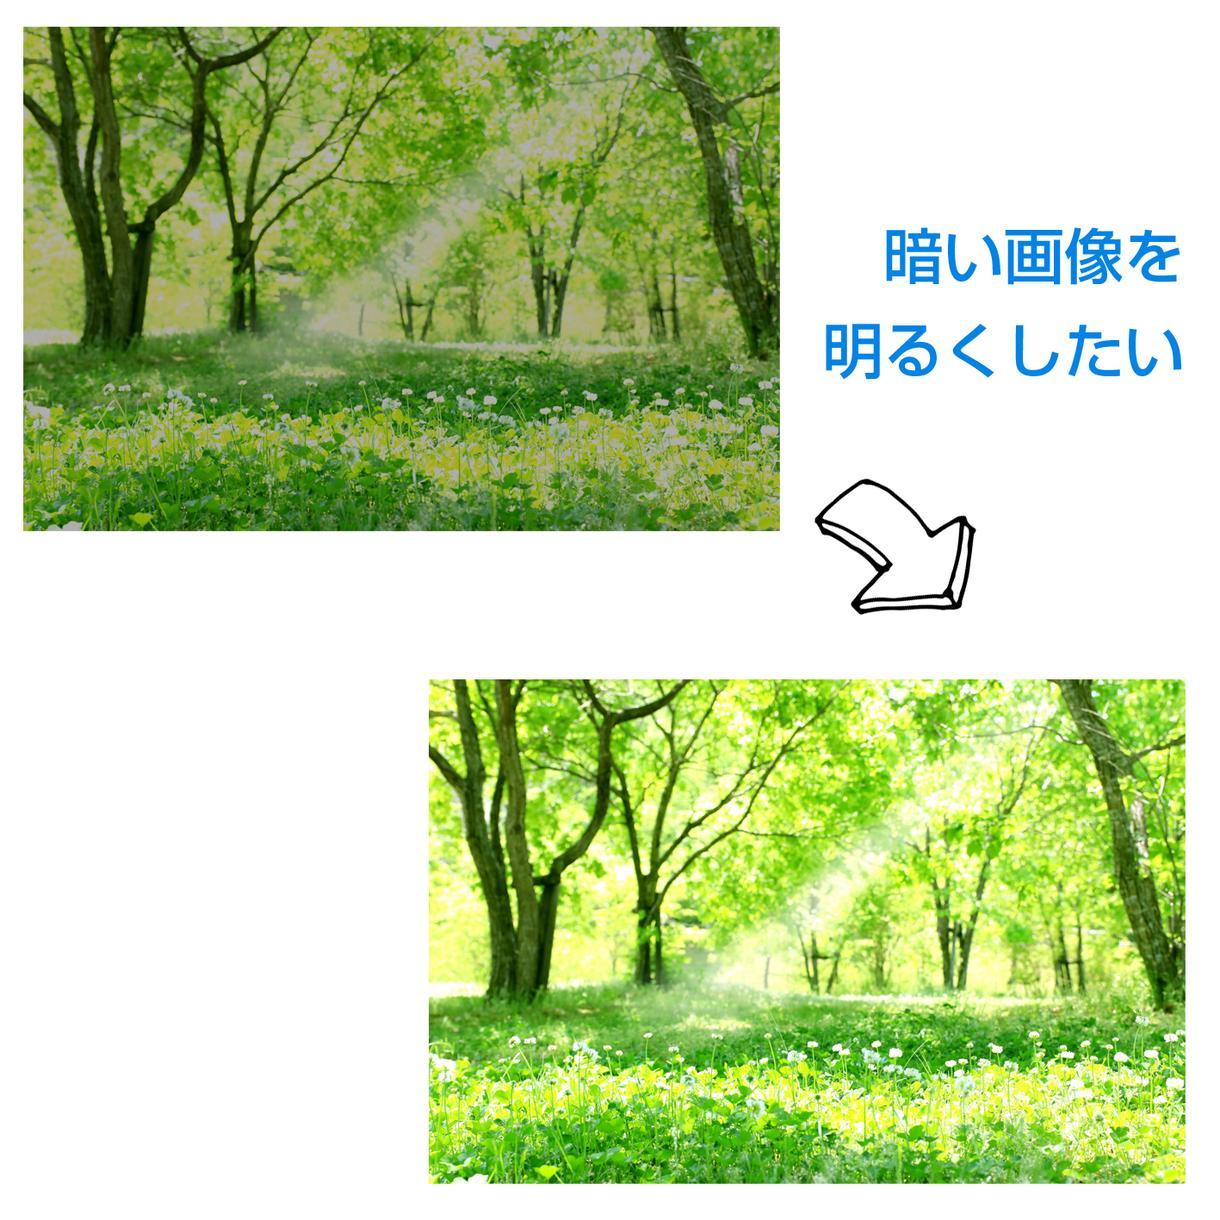 簡単な画像の補正や修正をします 画像が暗くて使いづらい、顔のほくろ消して欲しいなどの画像加工 イメージ1